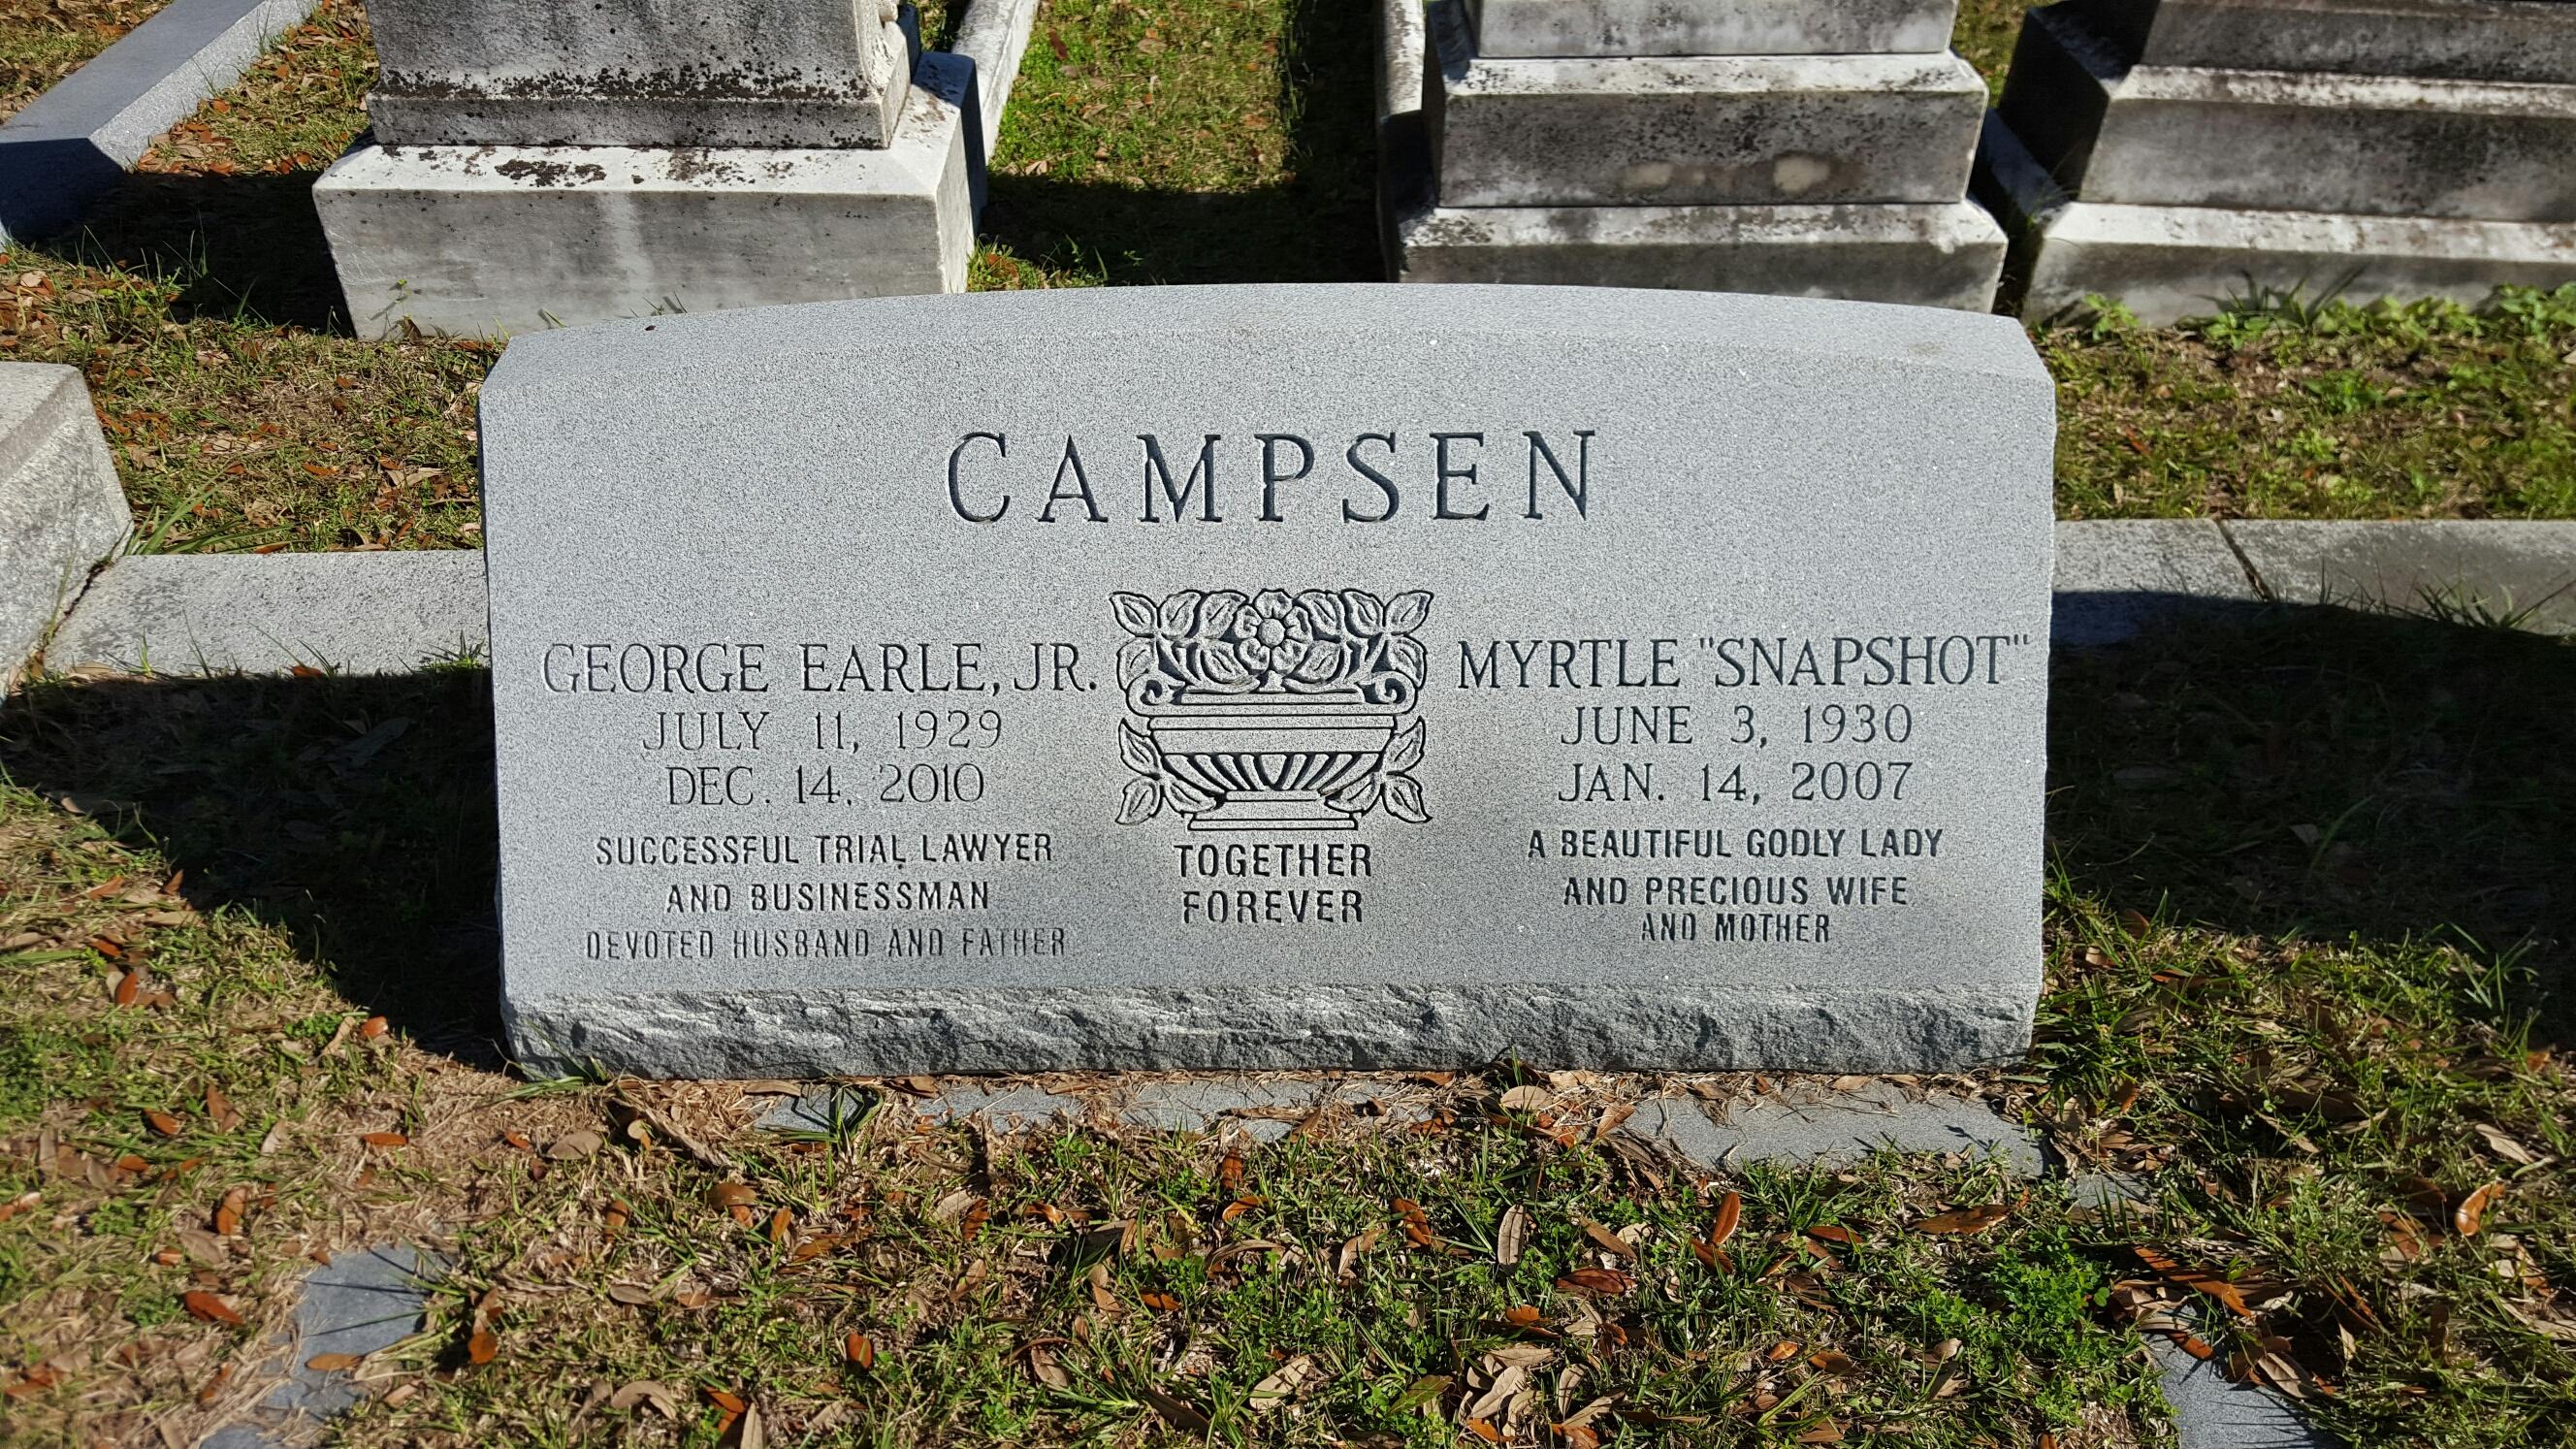 George Earle Campsen, Jr